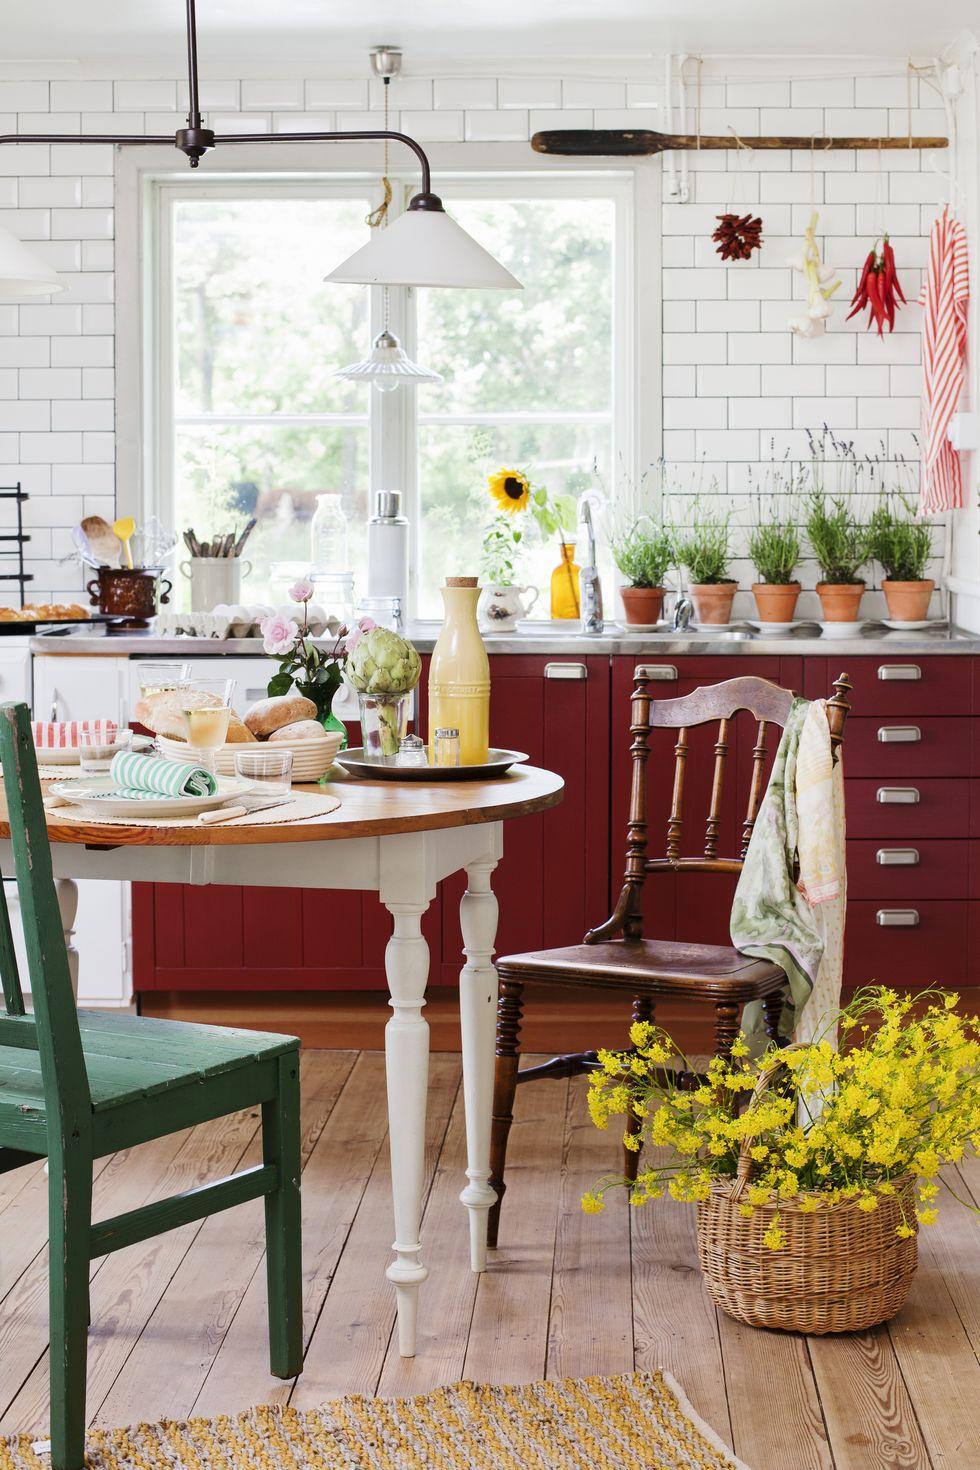 Burgunder-rød maling på kjøkkenet